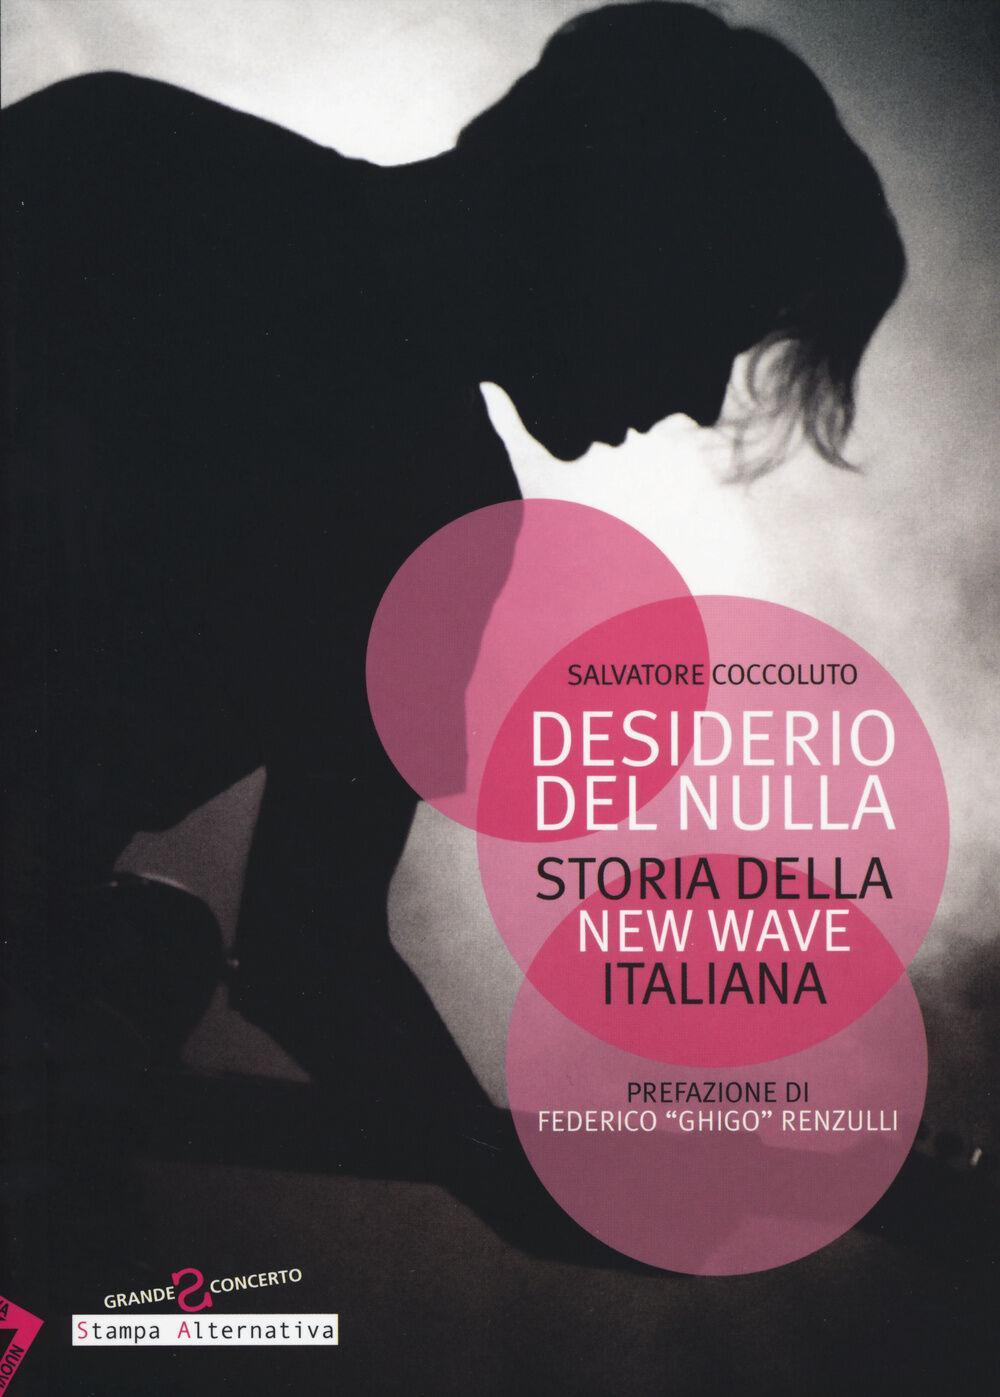 Desiderio del nulla. Storia della new wave italiana